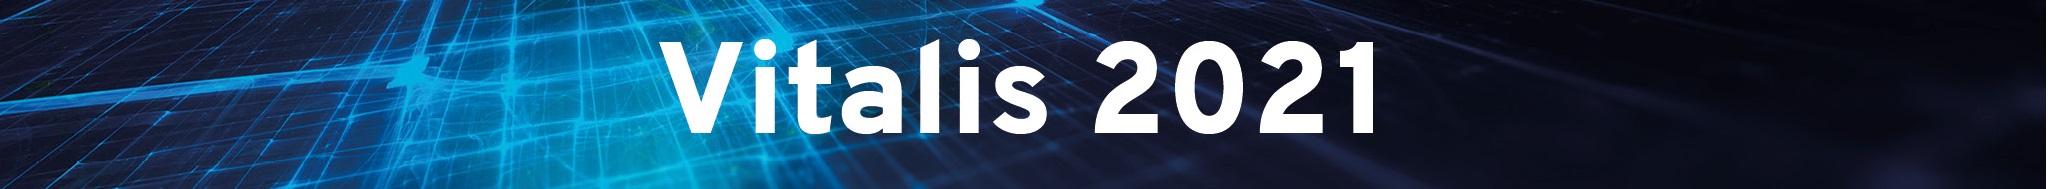 Huvudbild för Vitalis 2021